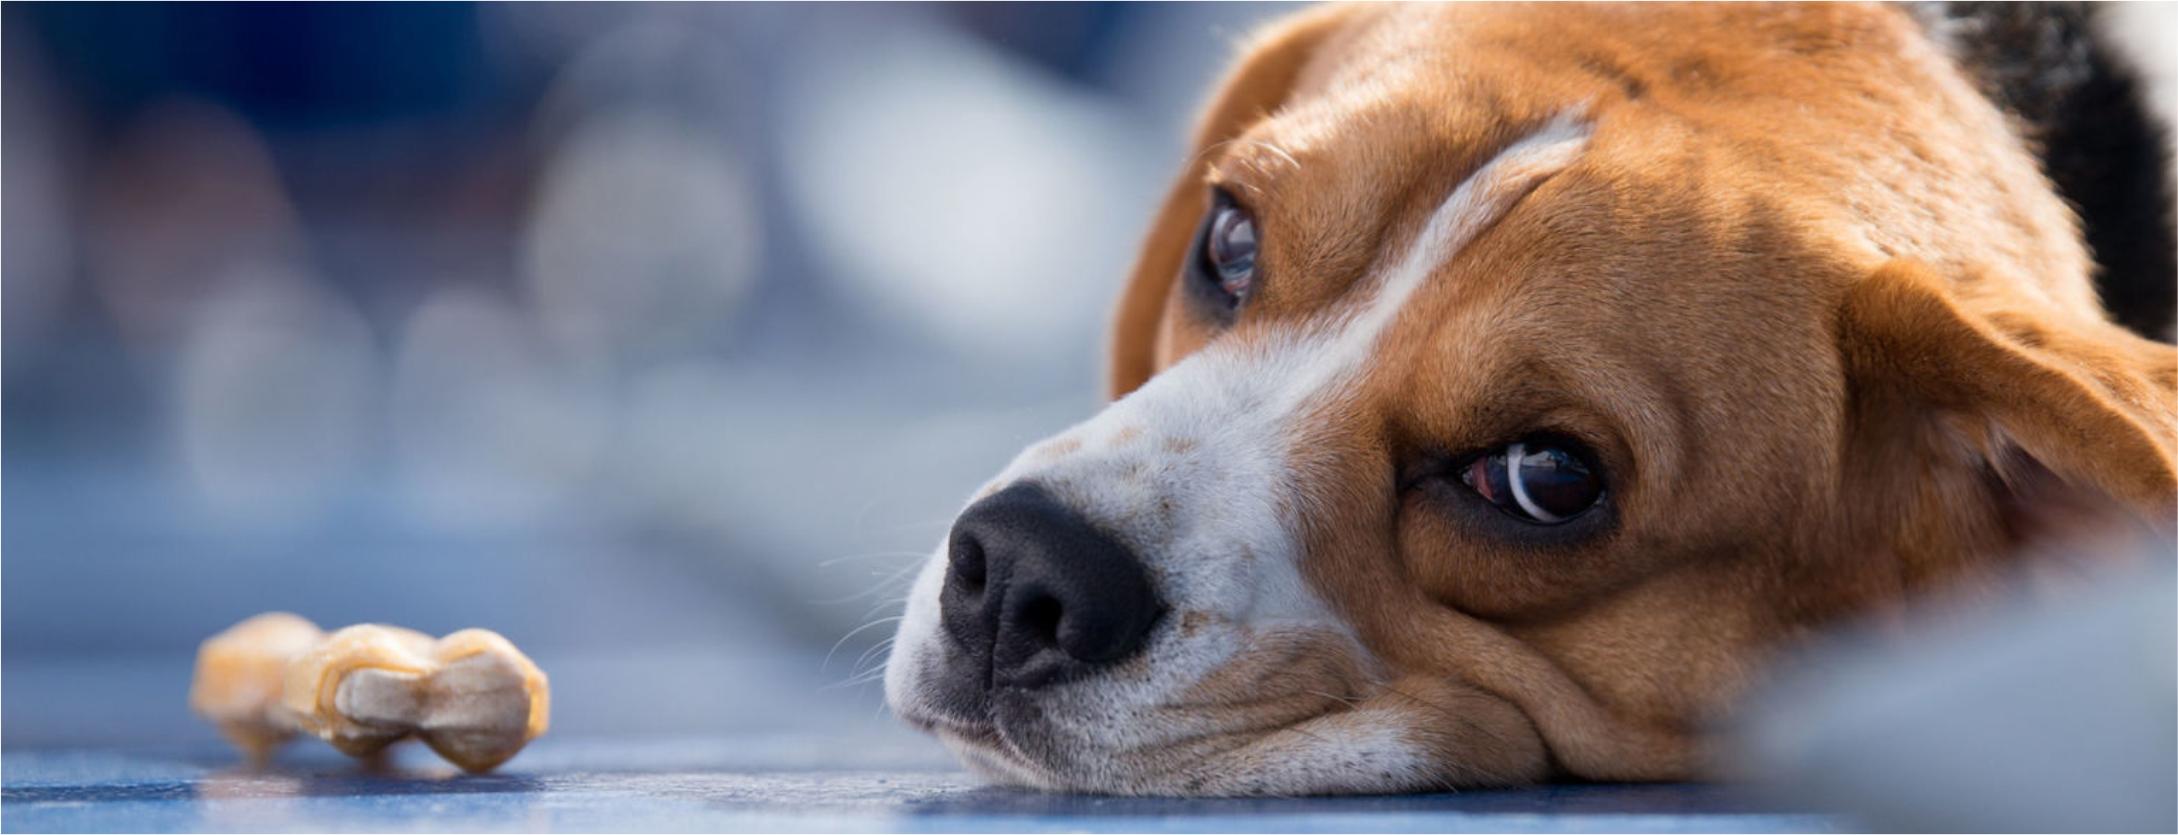 Como manipular um cachorro com dor?